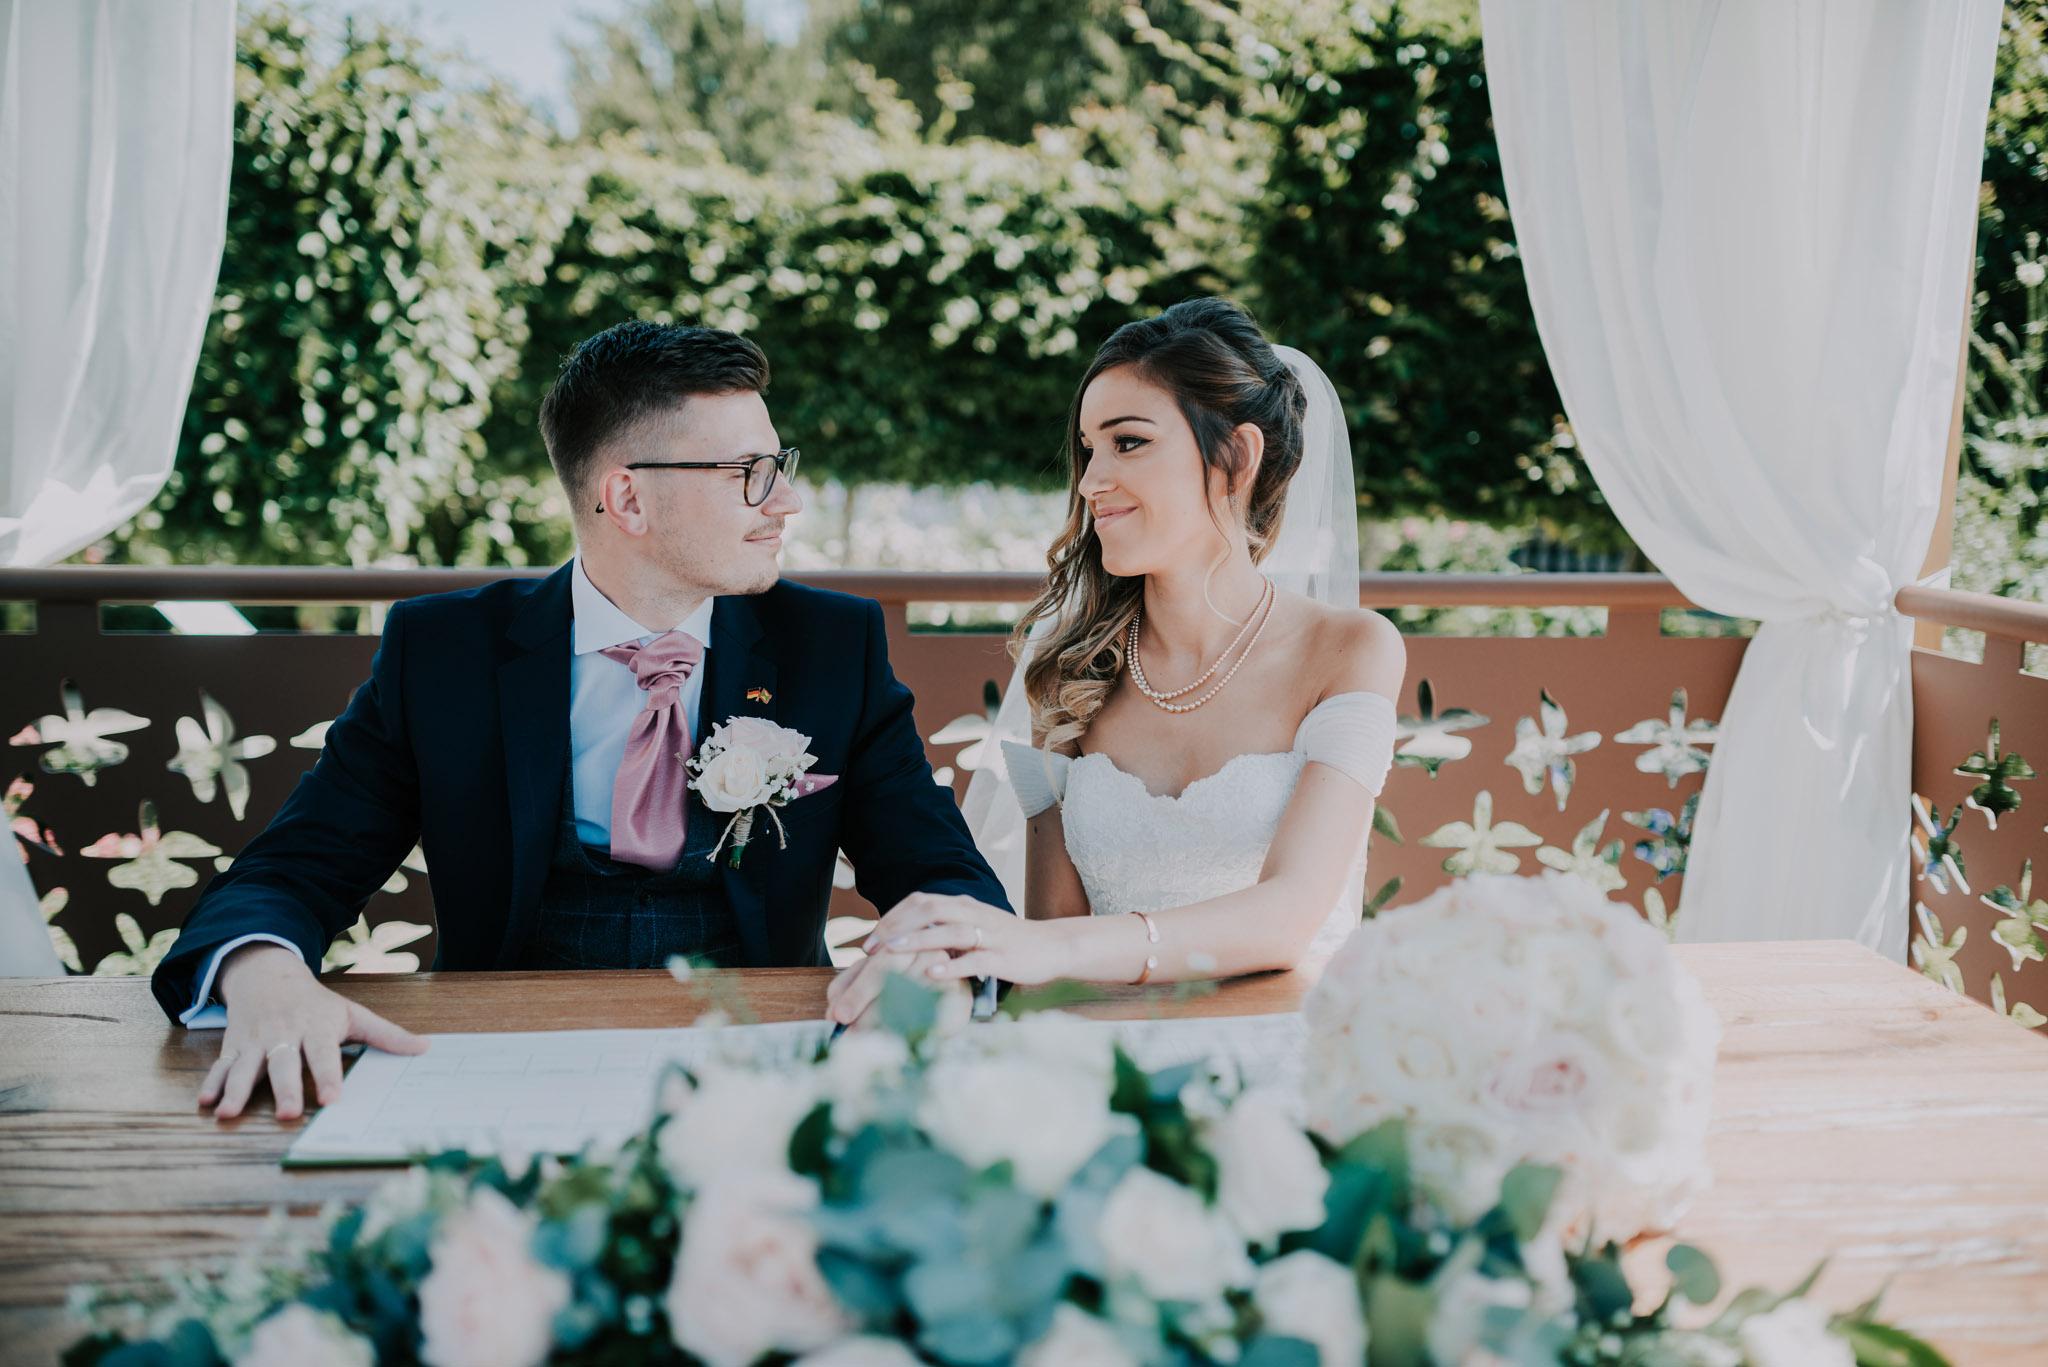 scott-stockwell-wedding-photographer-wood-norton-evesham184.jpg